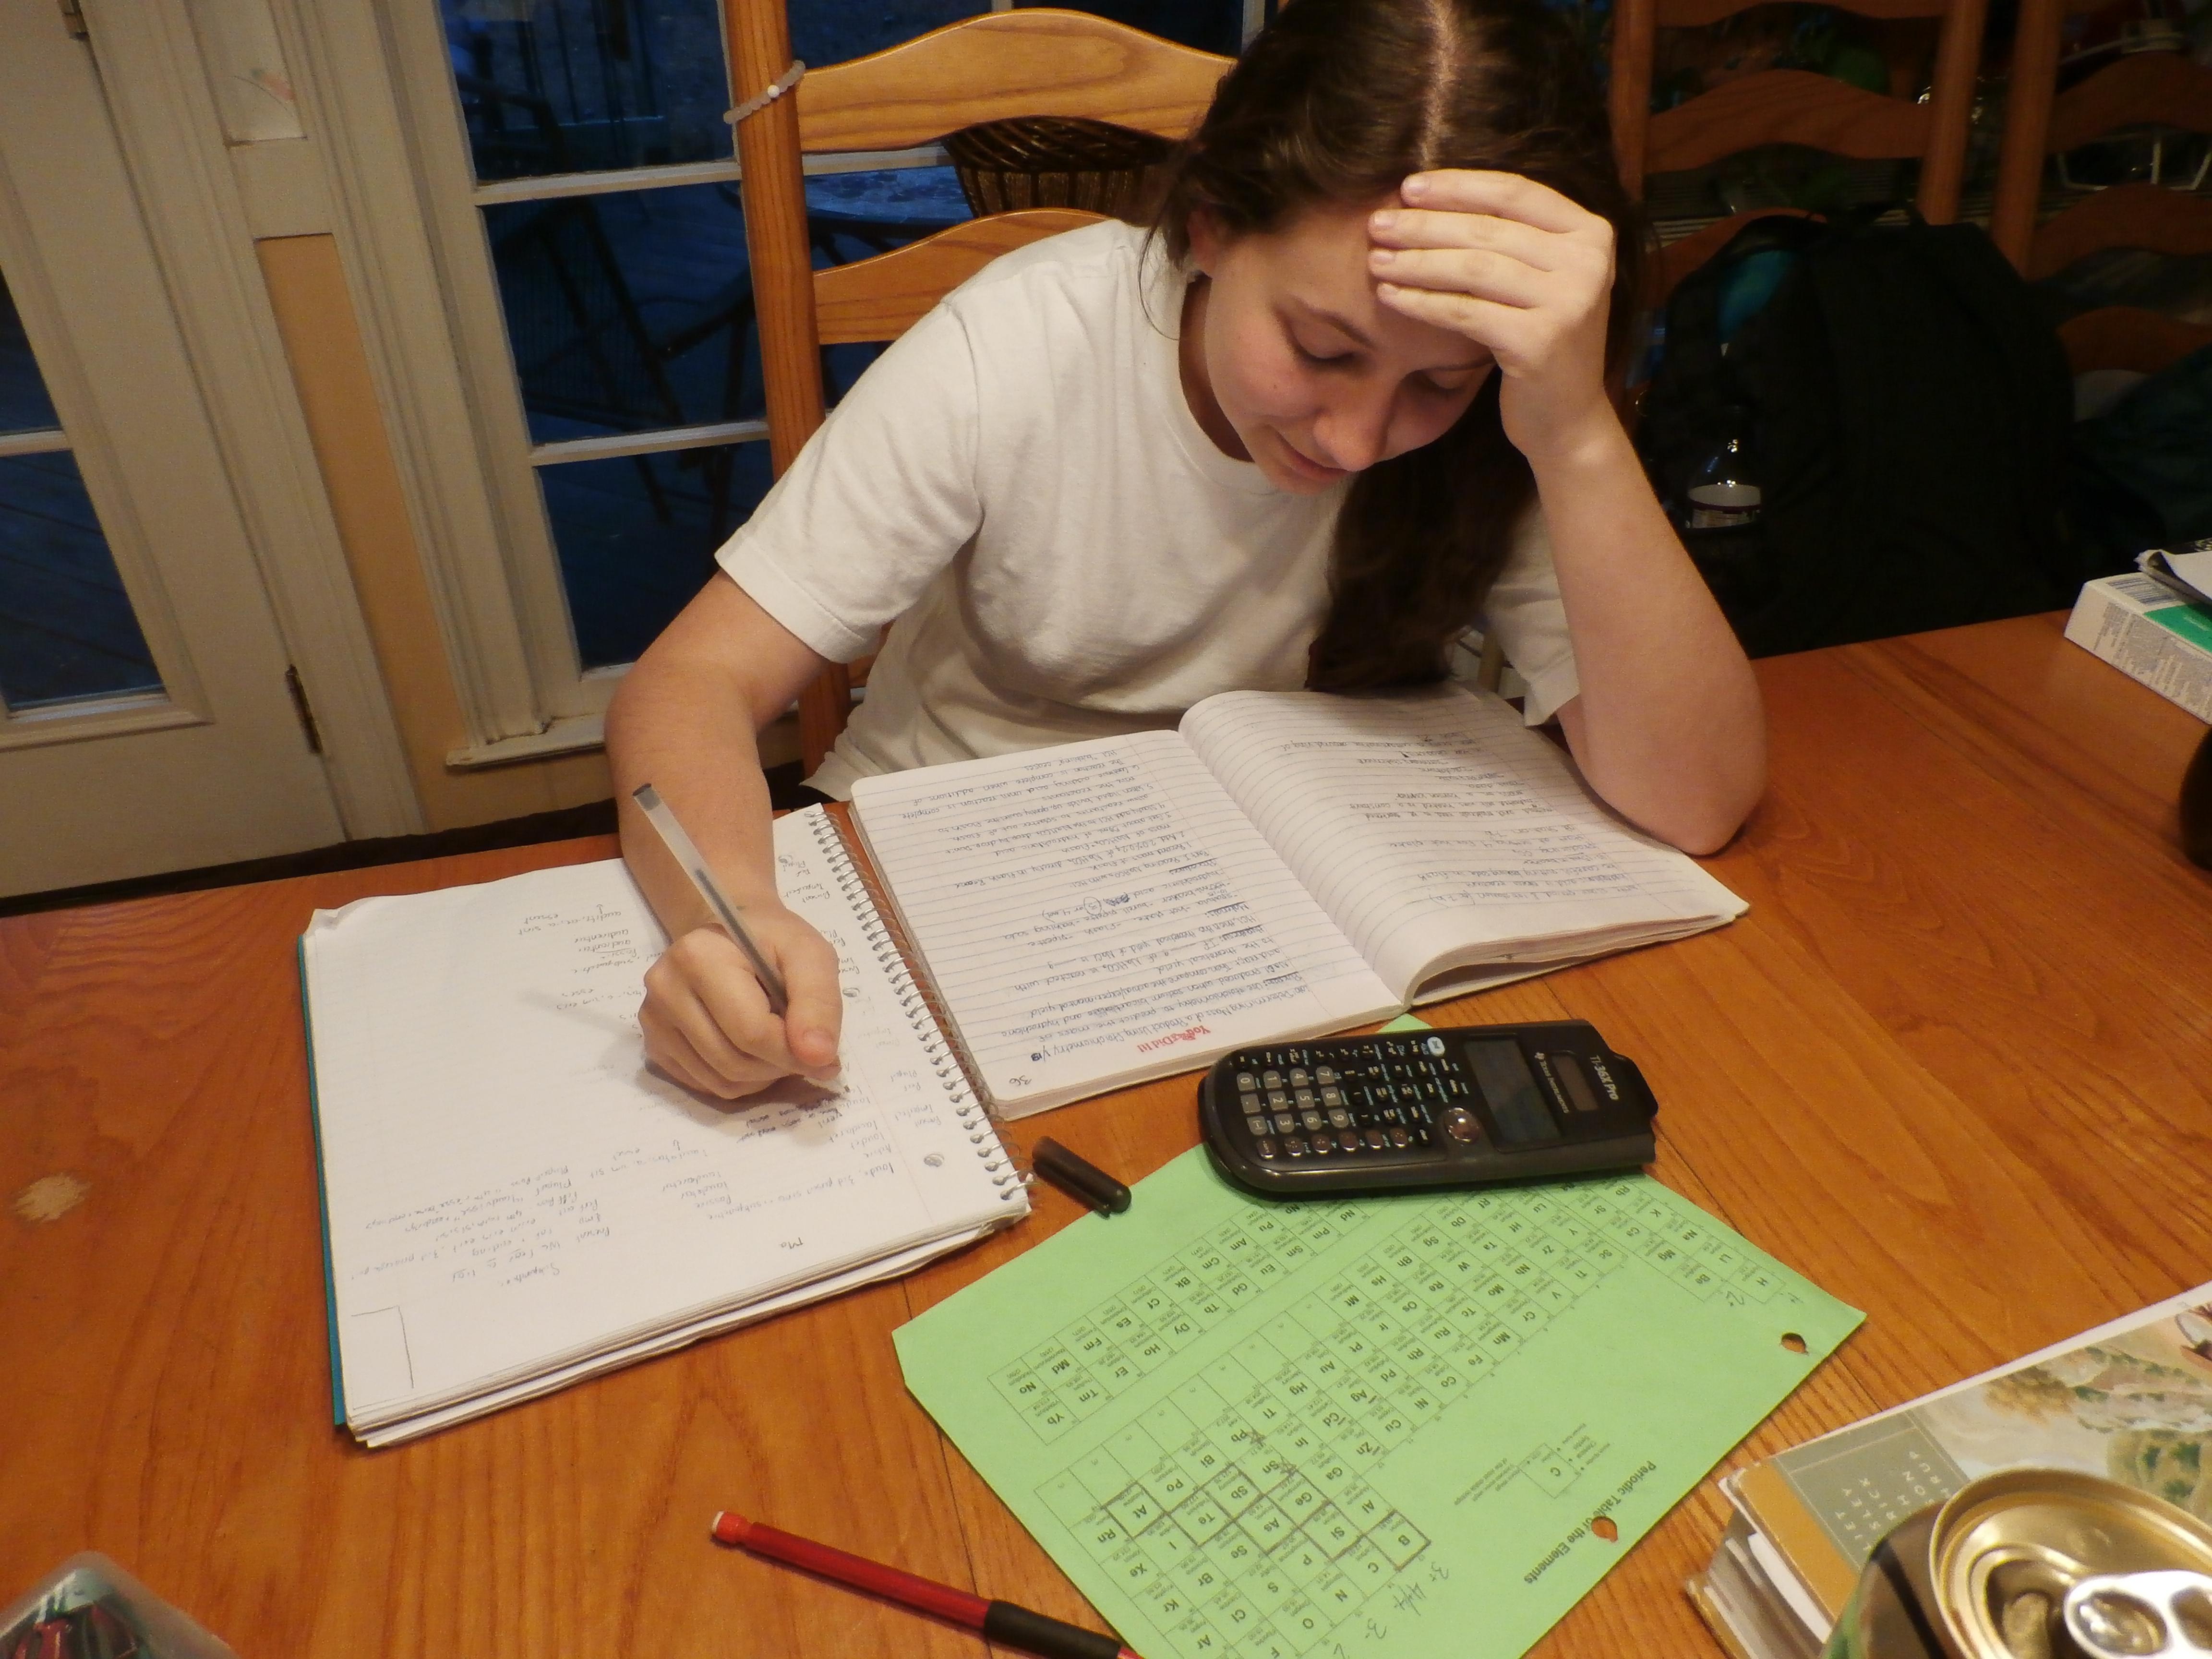 Mixed views in school homework debate   Bundaberg NewsMail